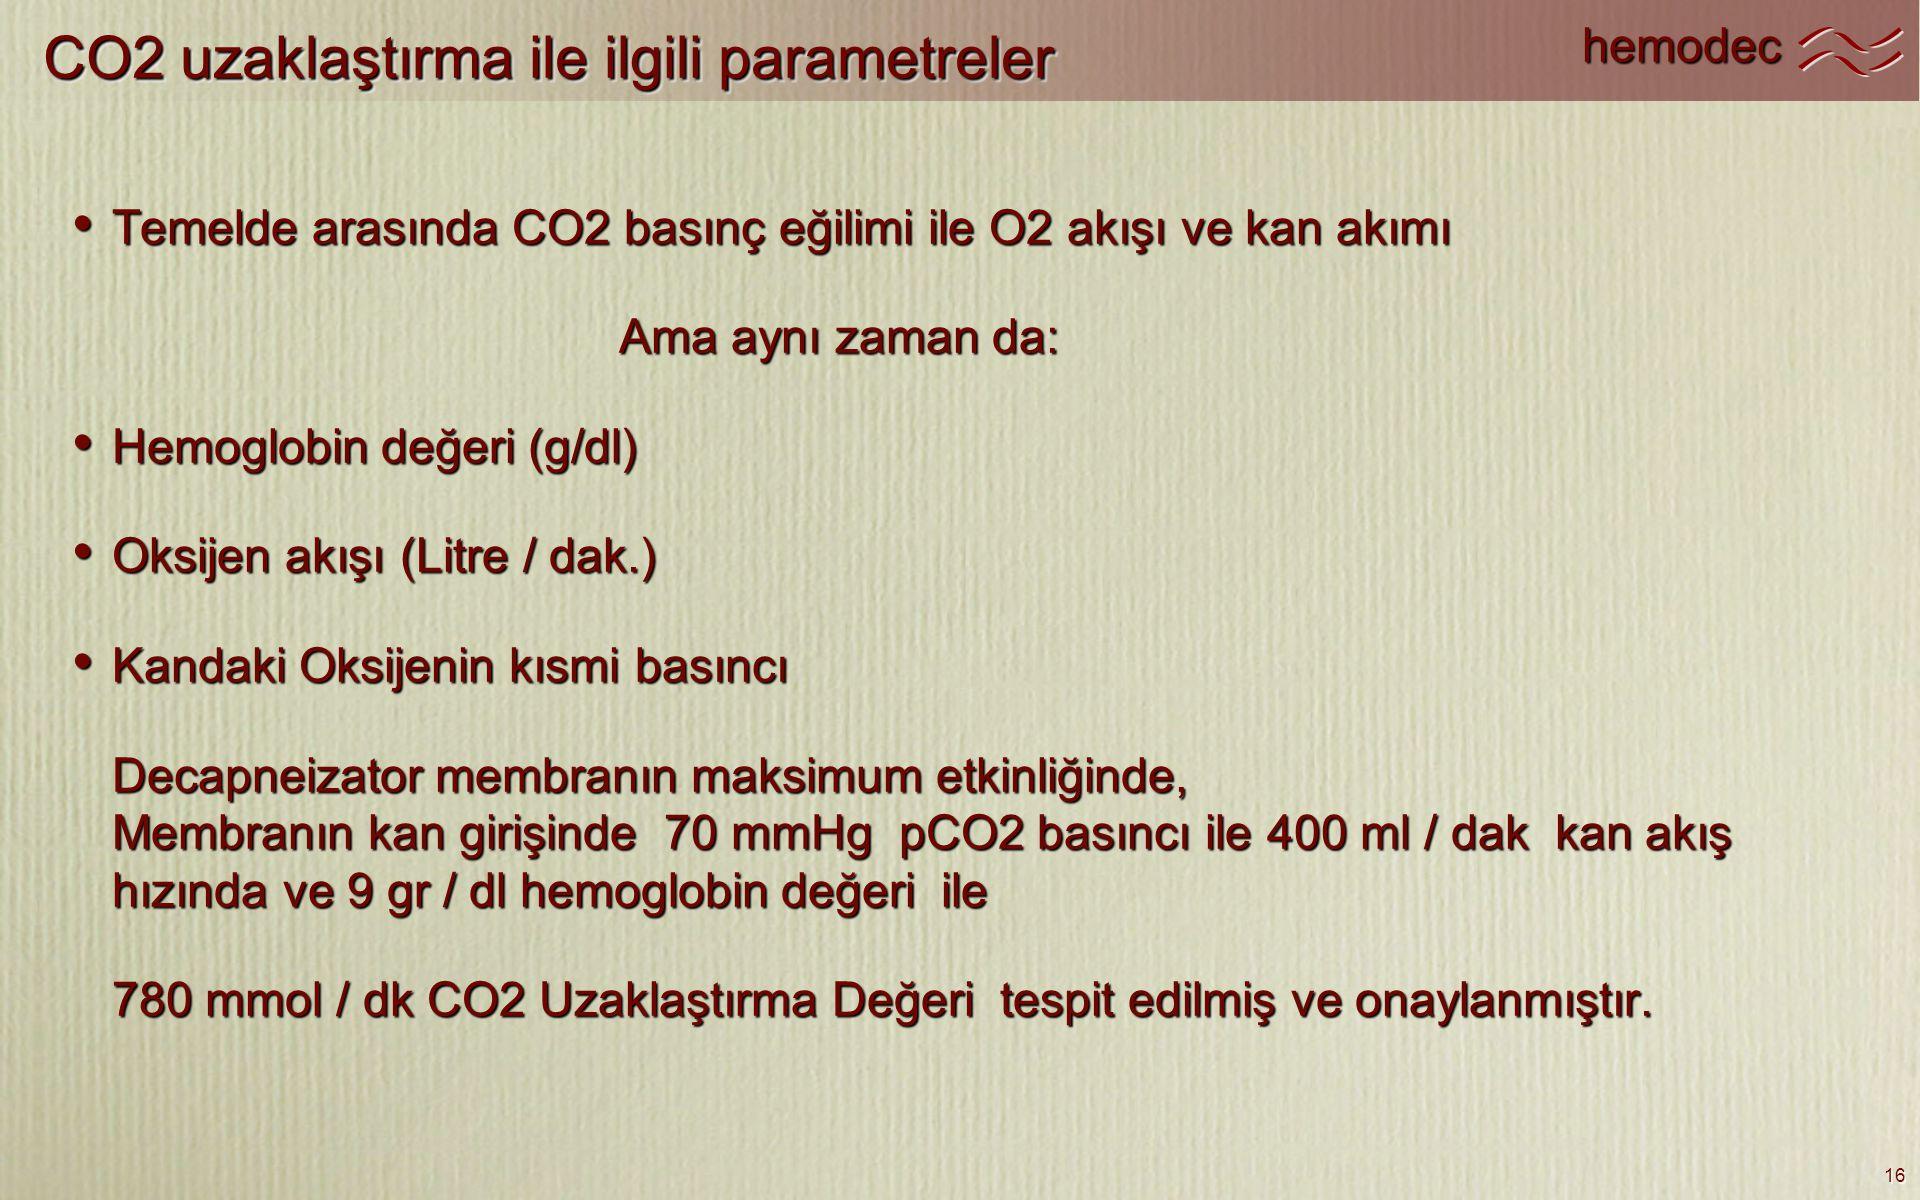 CO2 uzaklaştırma ile ilgili parametreler